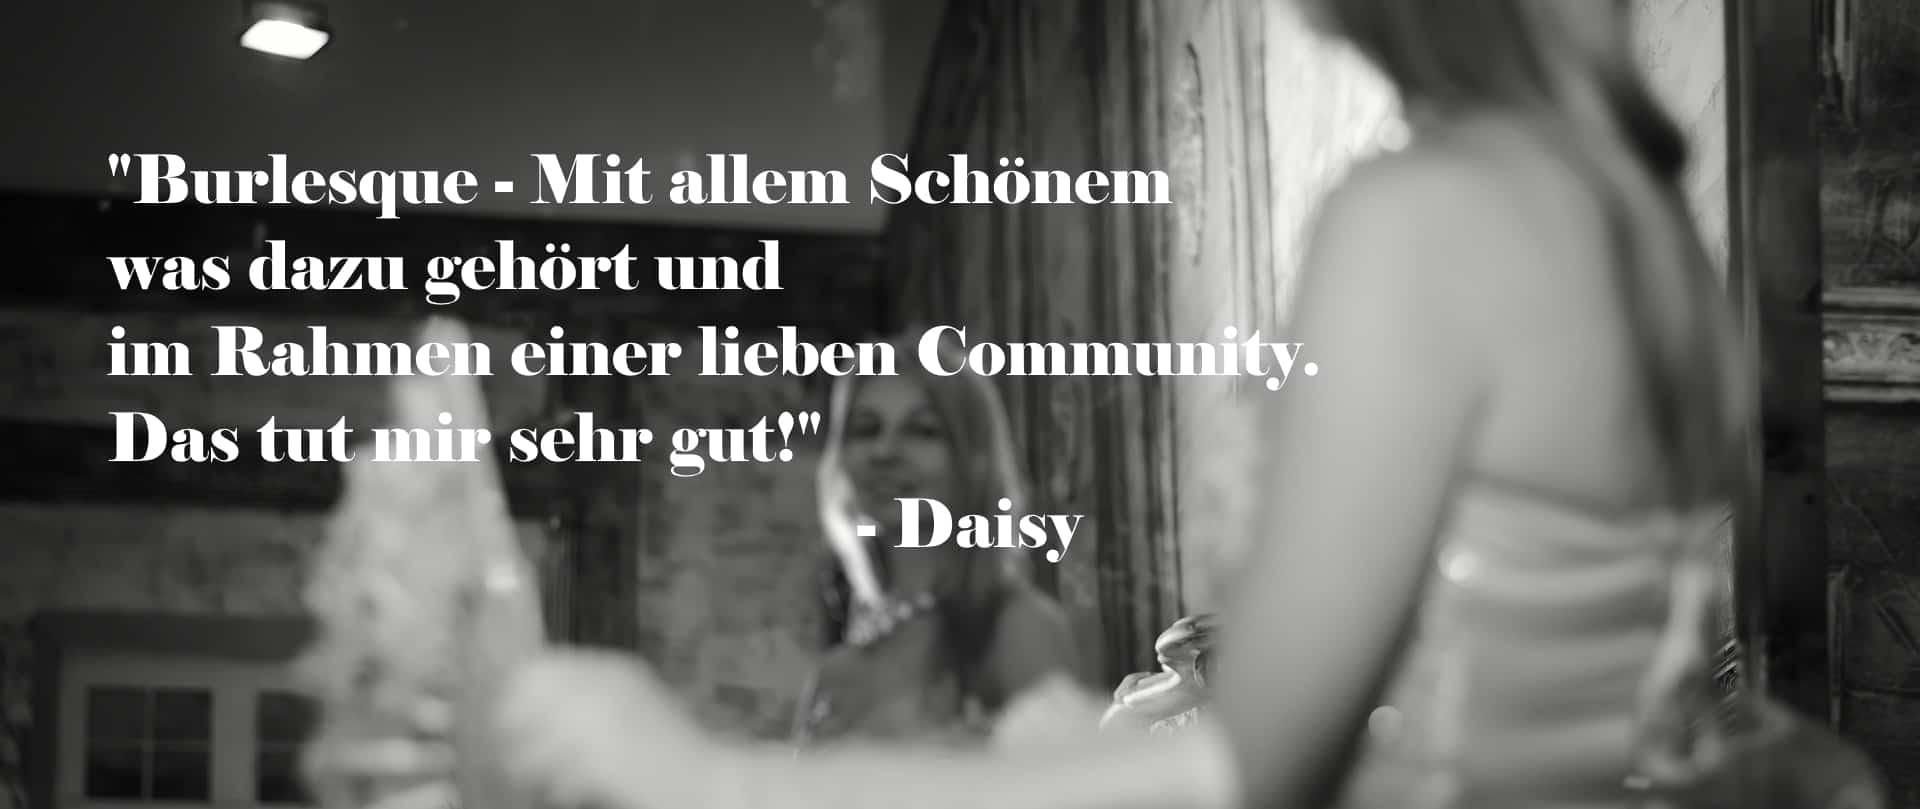 Elinesque Showlesque Burlesque Kundenmeinung Daisy